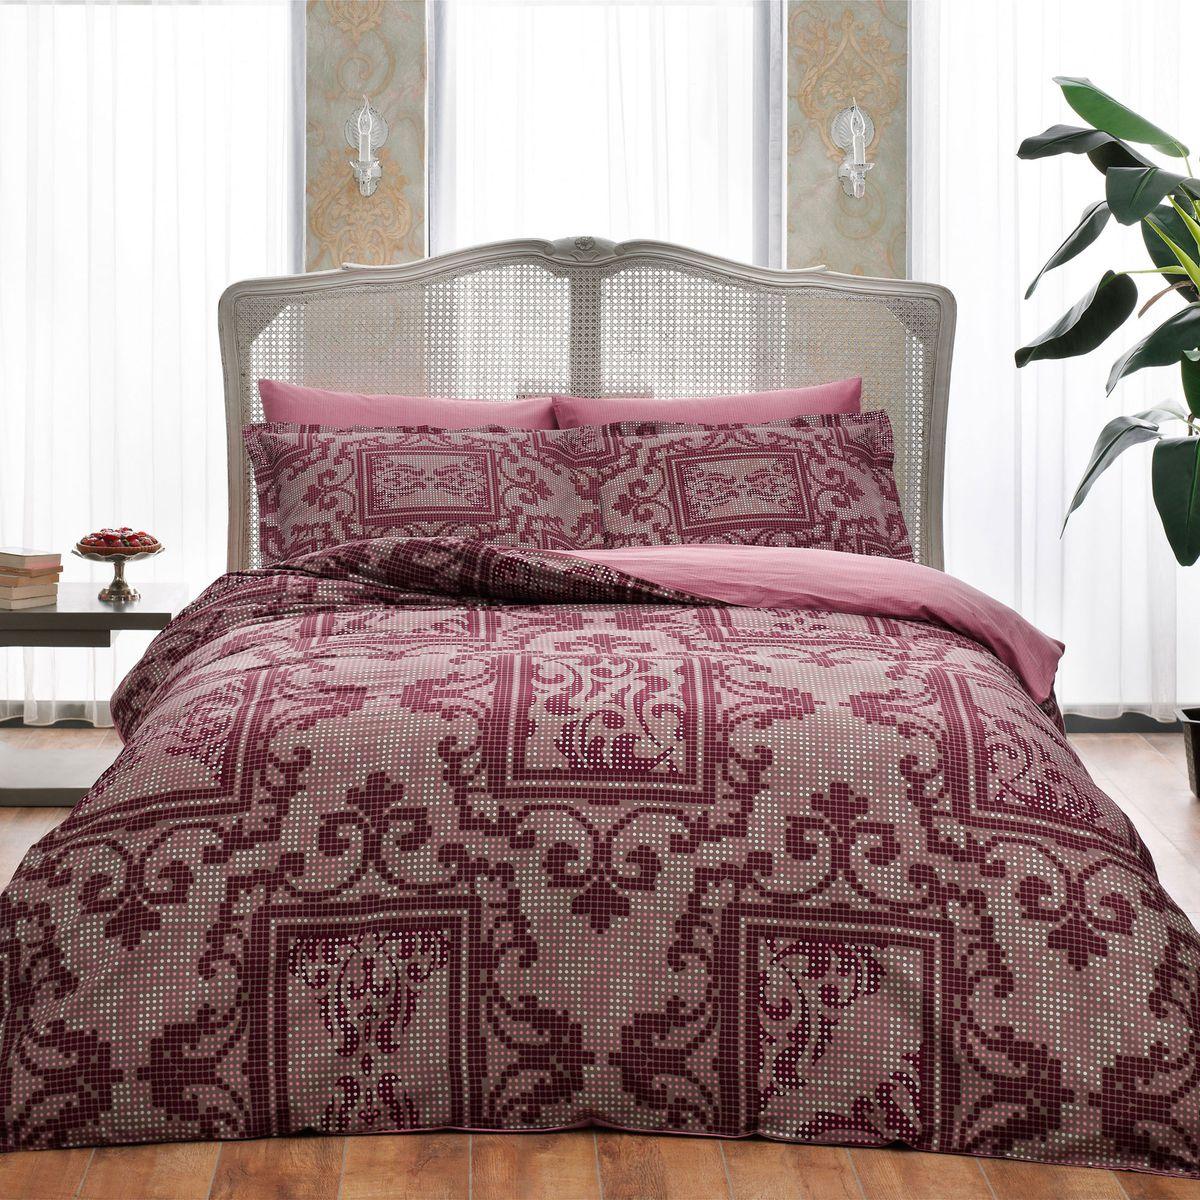 Комплект белья TAC Grant Bordo, 2-спальный, наволочки 50х70 см4245-20243Показатель должного внимания. Выбирая Satin Delux, Вы выбираете престиж. Эксклюзивность и непревзойденность в деталях пошива и дизайне.Сатин – гладкая и прочная ткань, которая своим блеском, легкостью и гладкостью похожа на шелк, но выгодно отличается от него в цене. Сатин практически не мнется, поэтому его можно не гладить. Ко всему прочему, он весьма практичен, т.к. хорошо переносит множественные стирки. Если Вы ценитель эстетики и практичности одновременно, безусловно, сатин для Вас!